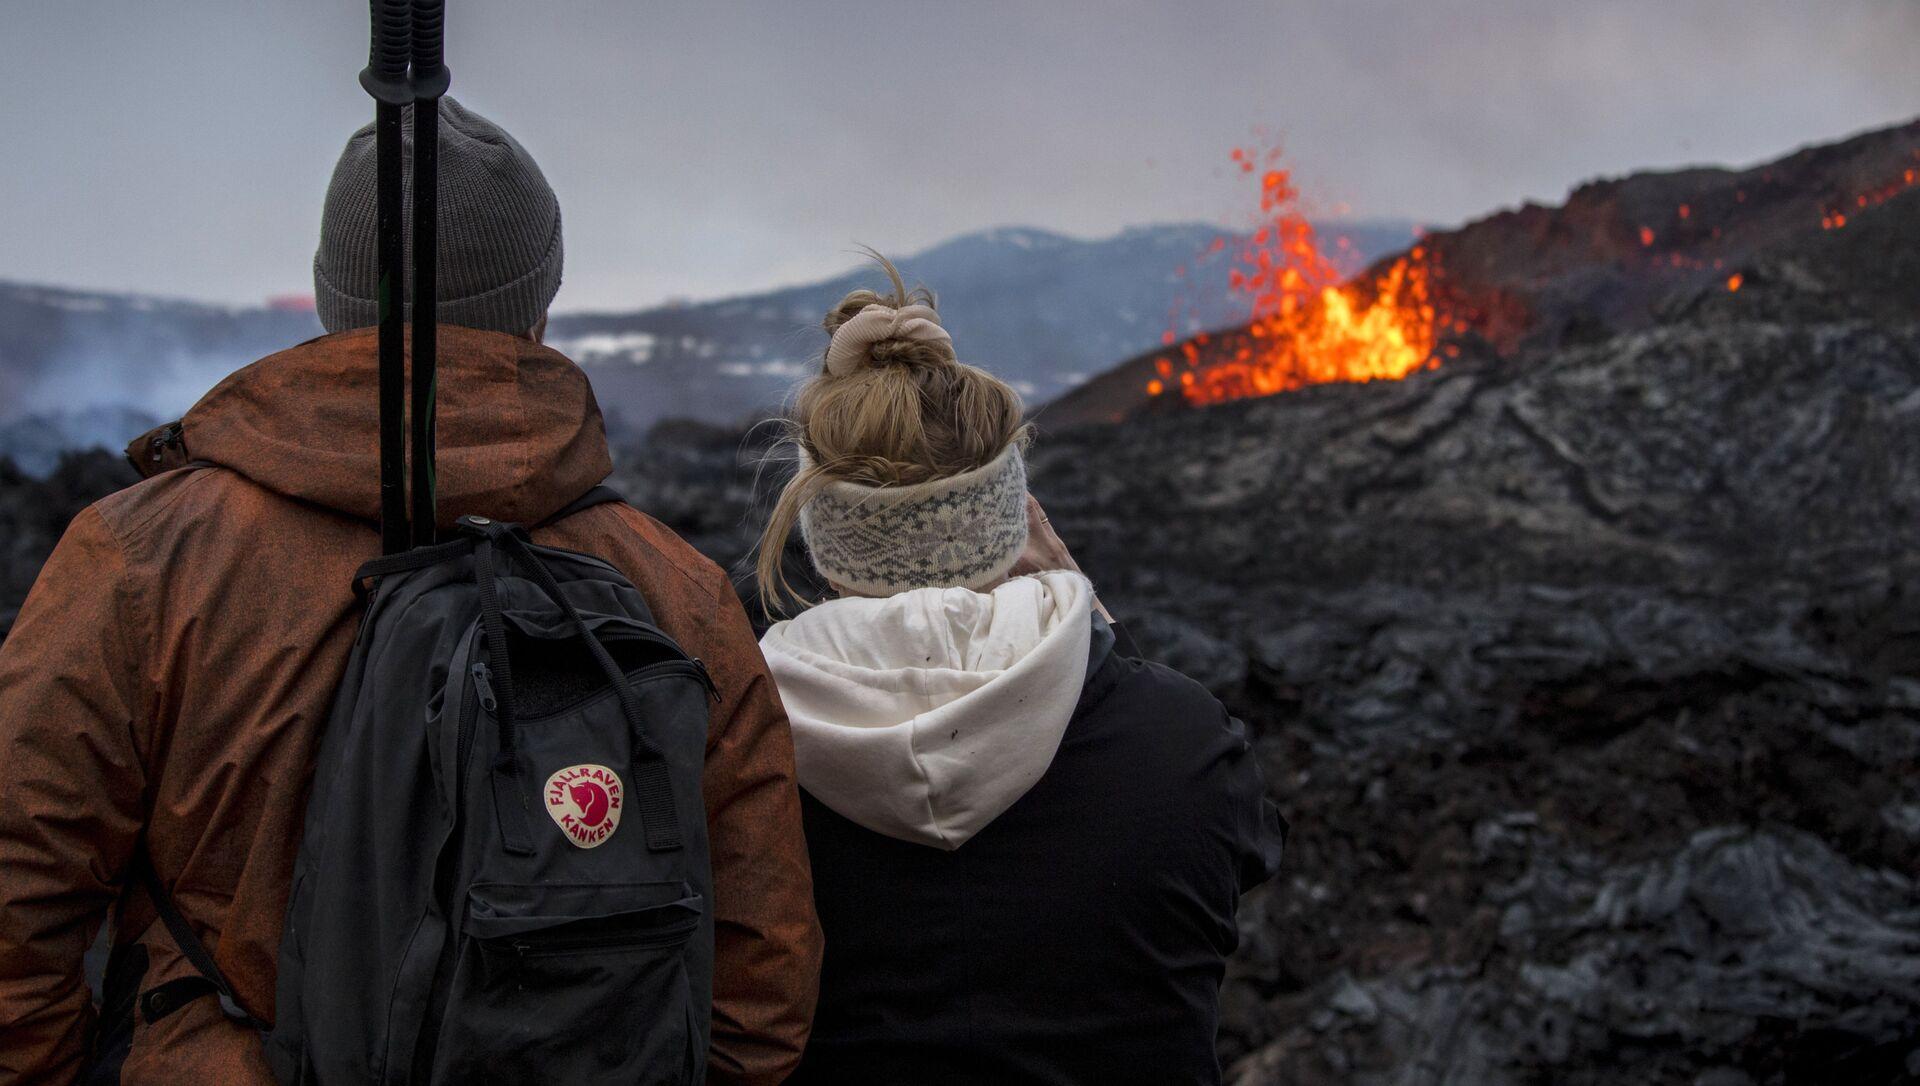 Le persone guardano l'eruzione del vulcano in Islanda - Sputnik Italia, 1920, 16.05.2021